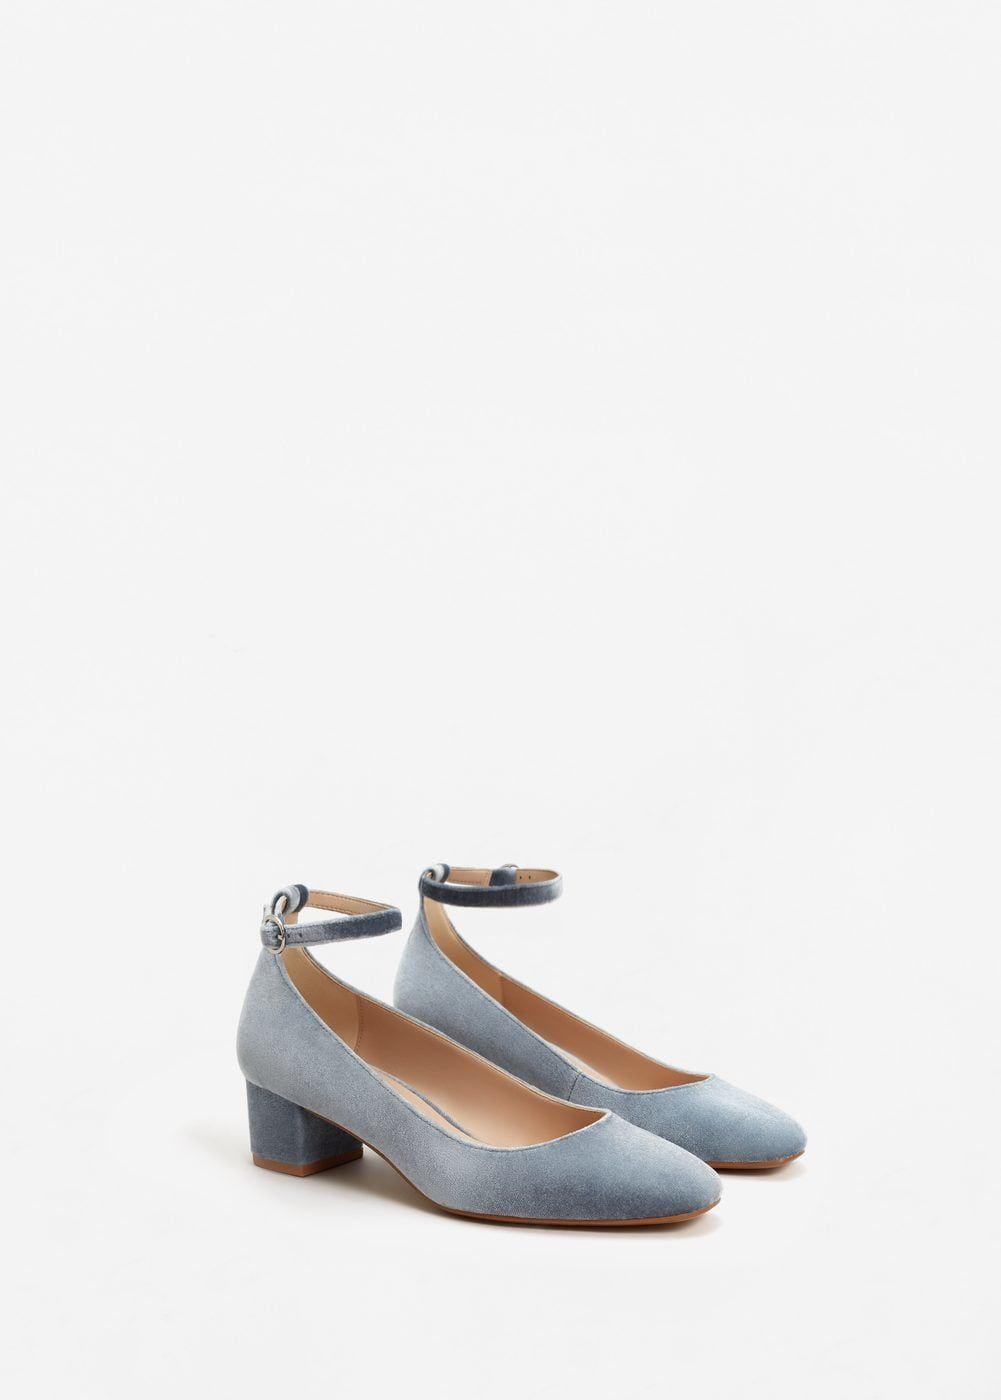 3107c78c39fa Chaussures velours à bride - Femme